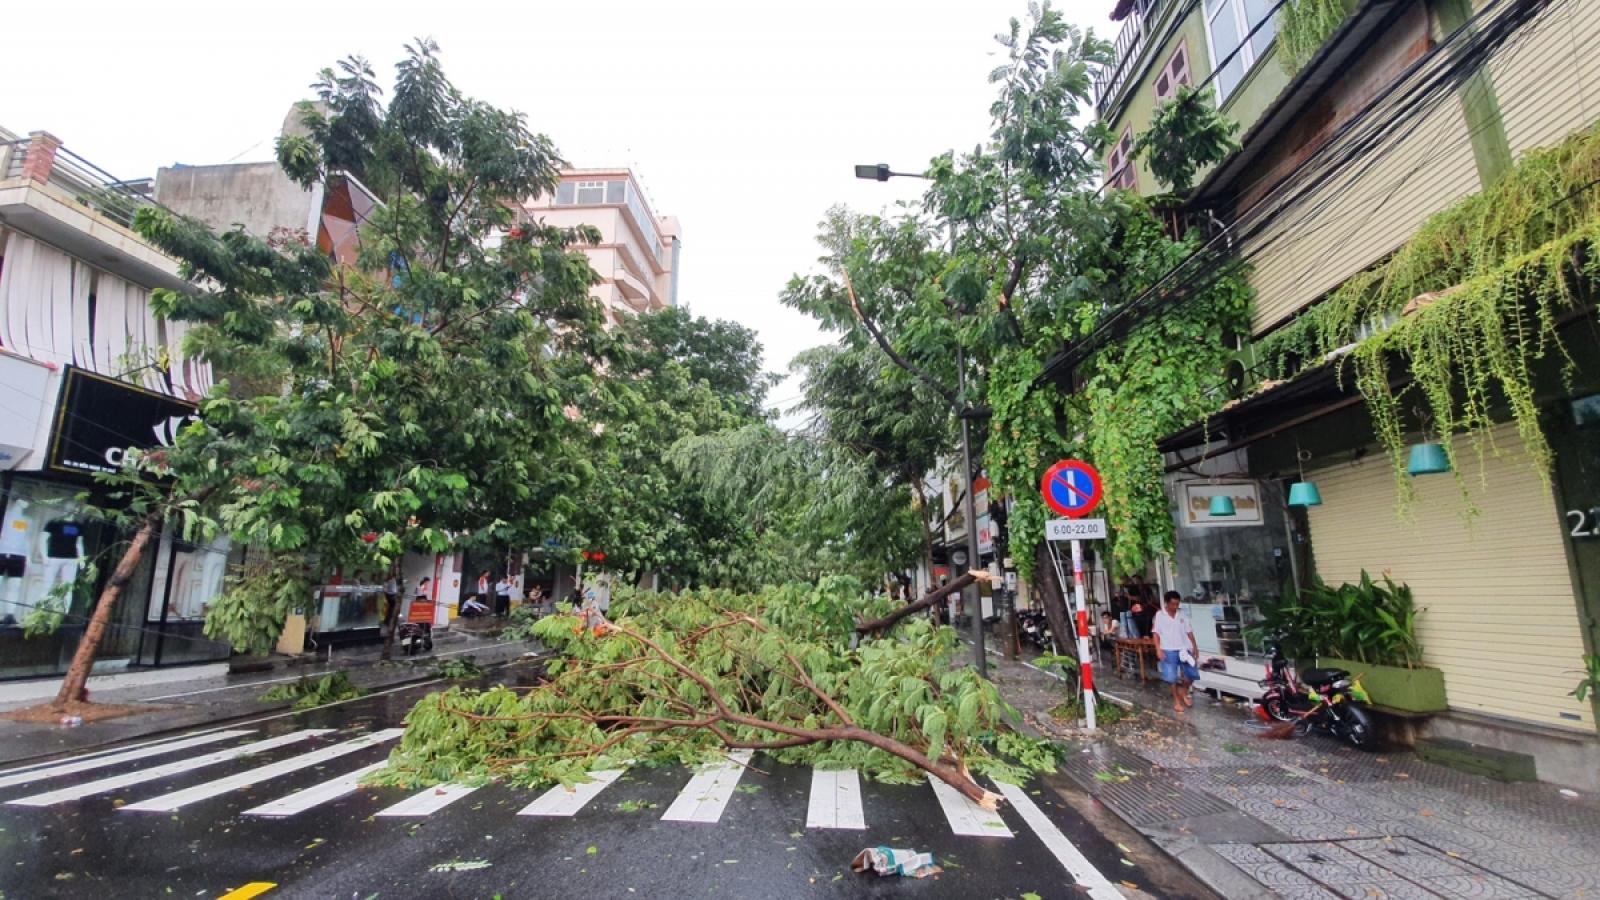 Thủ tướng Lào gửi điện thăm hỏi về thiệt hại do bão số 5 gây ra